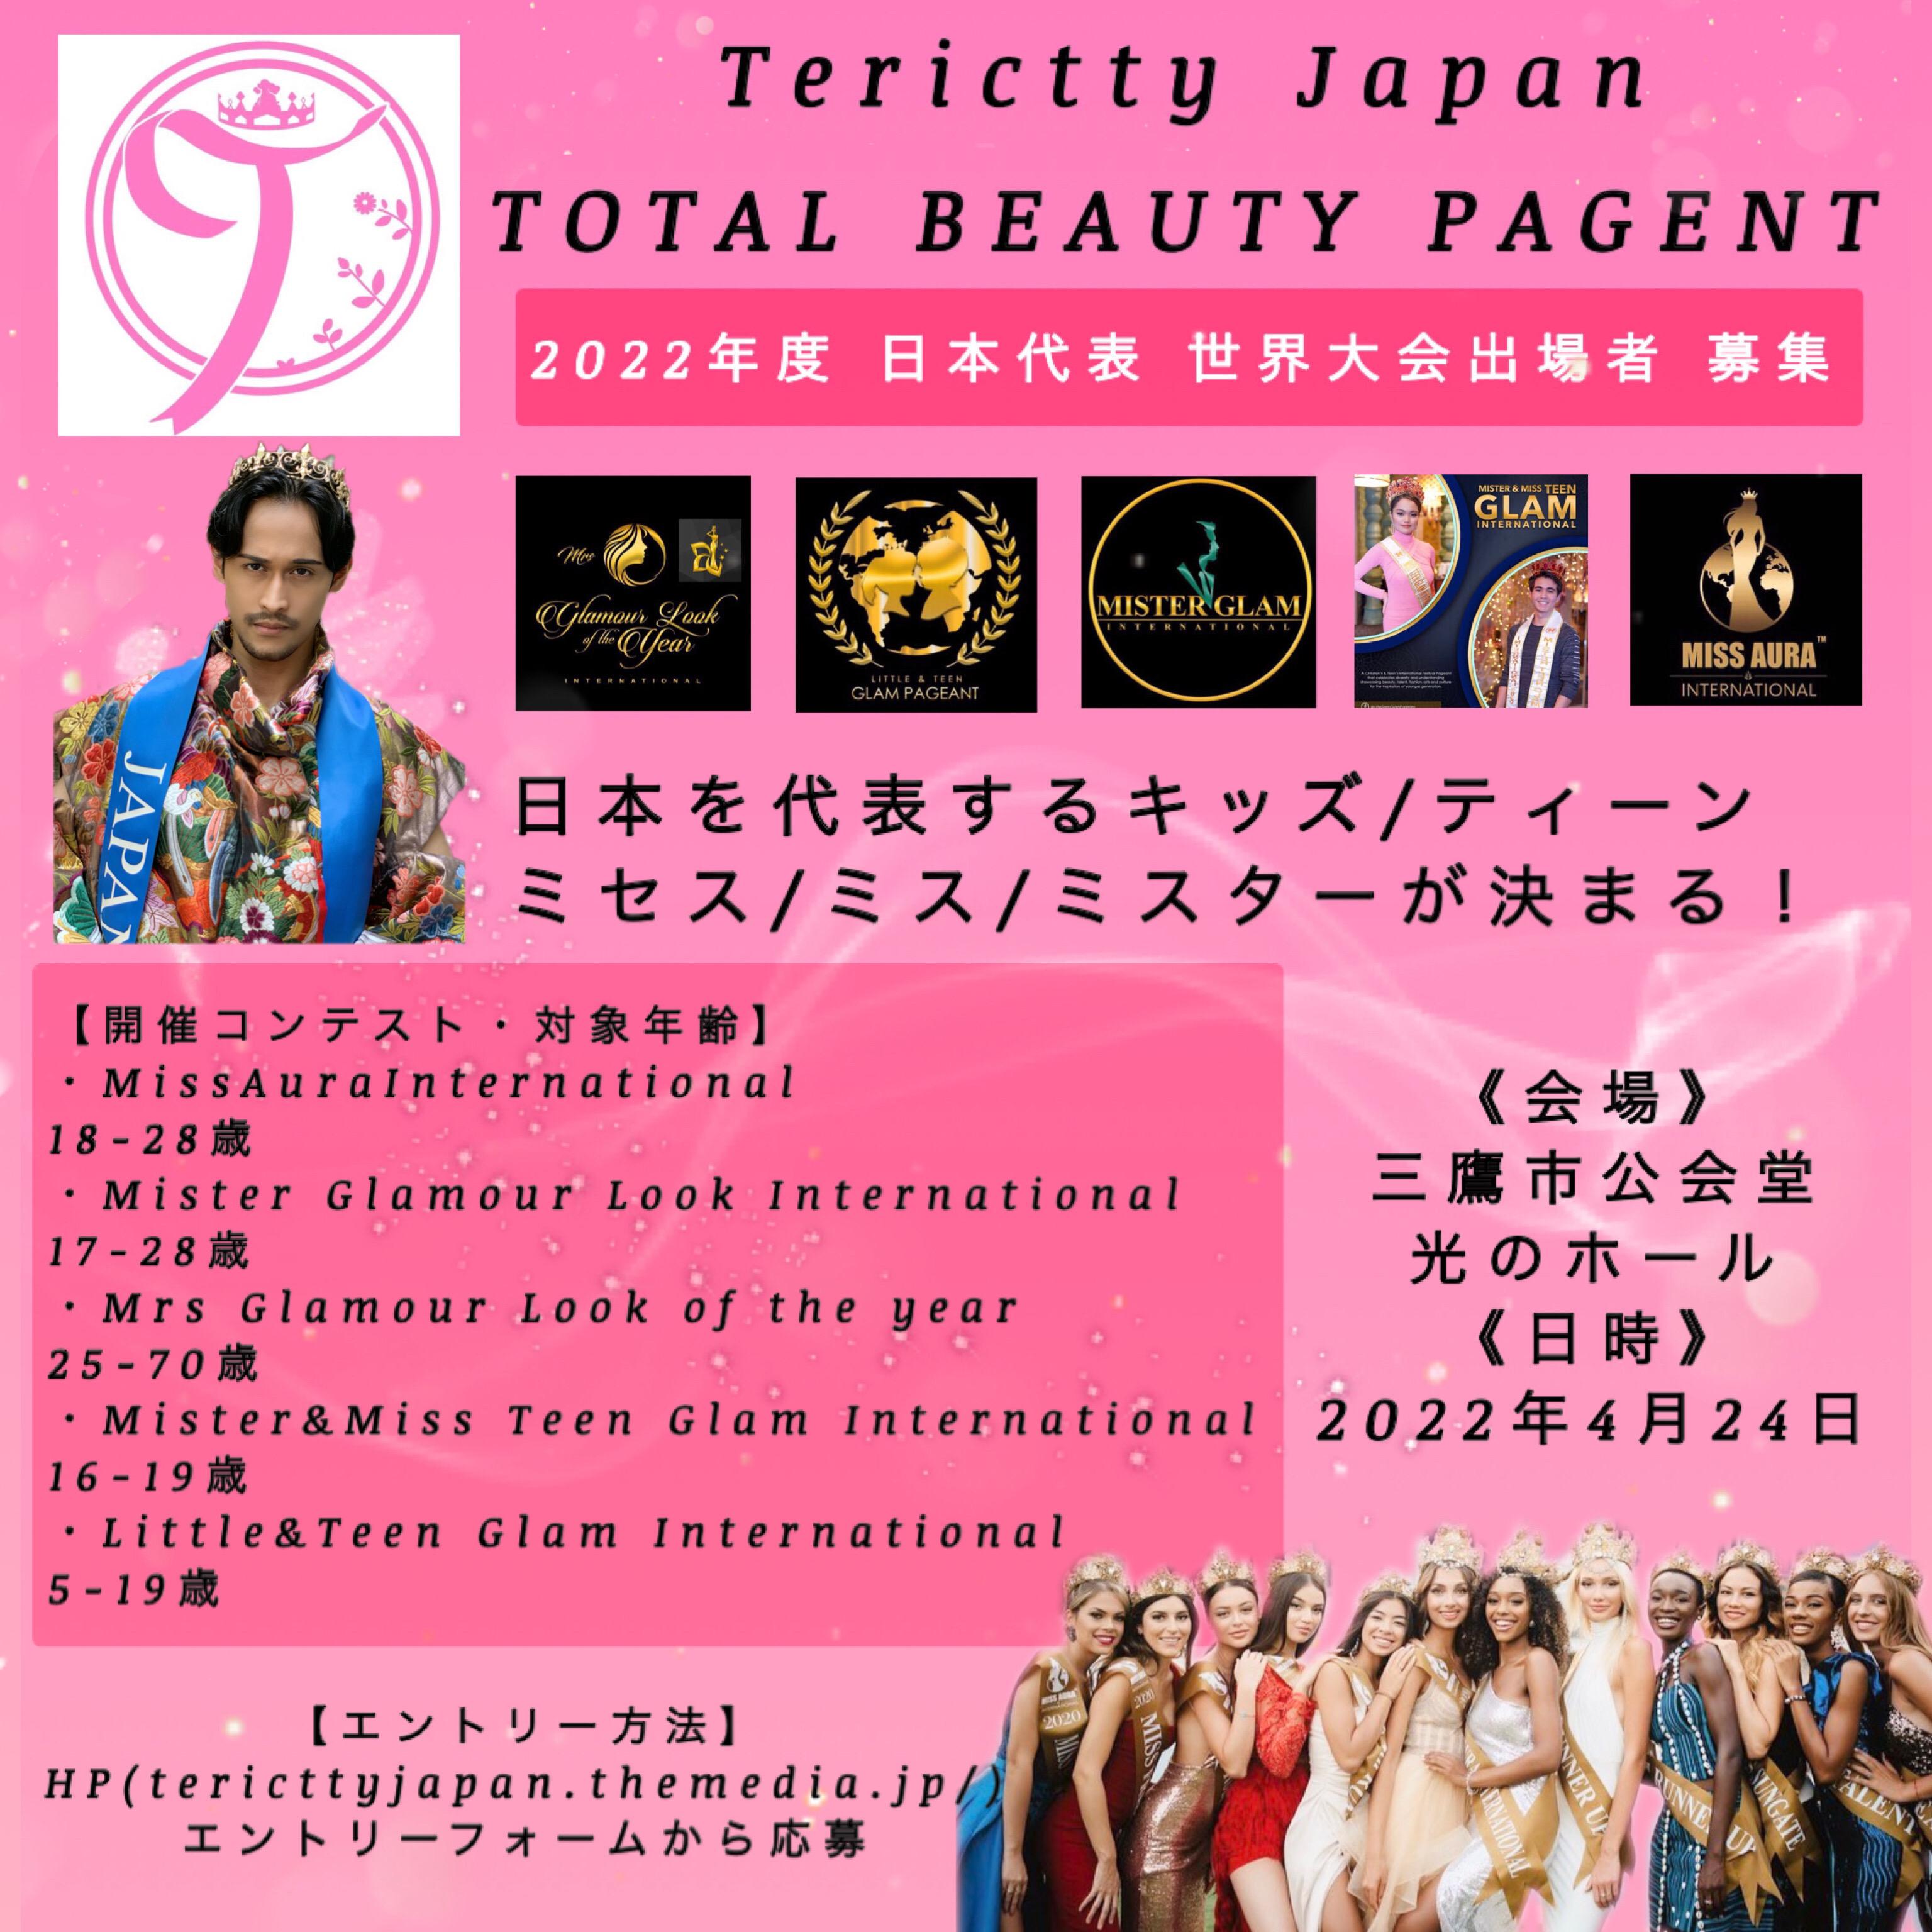 オーディション TOTAL BEAUTY PAGENT 世界大会へ日本代表として参加する方を募集 主催:TericttyJapan、カテゴリ:モデル